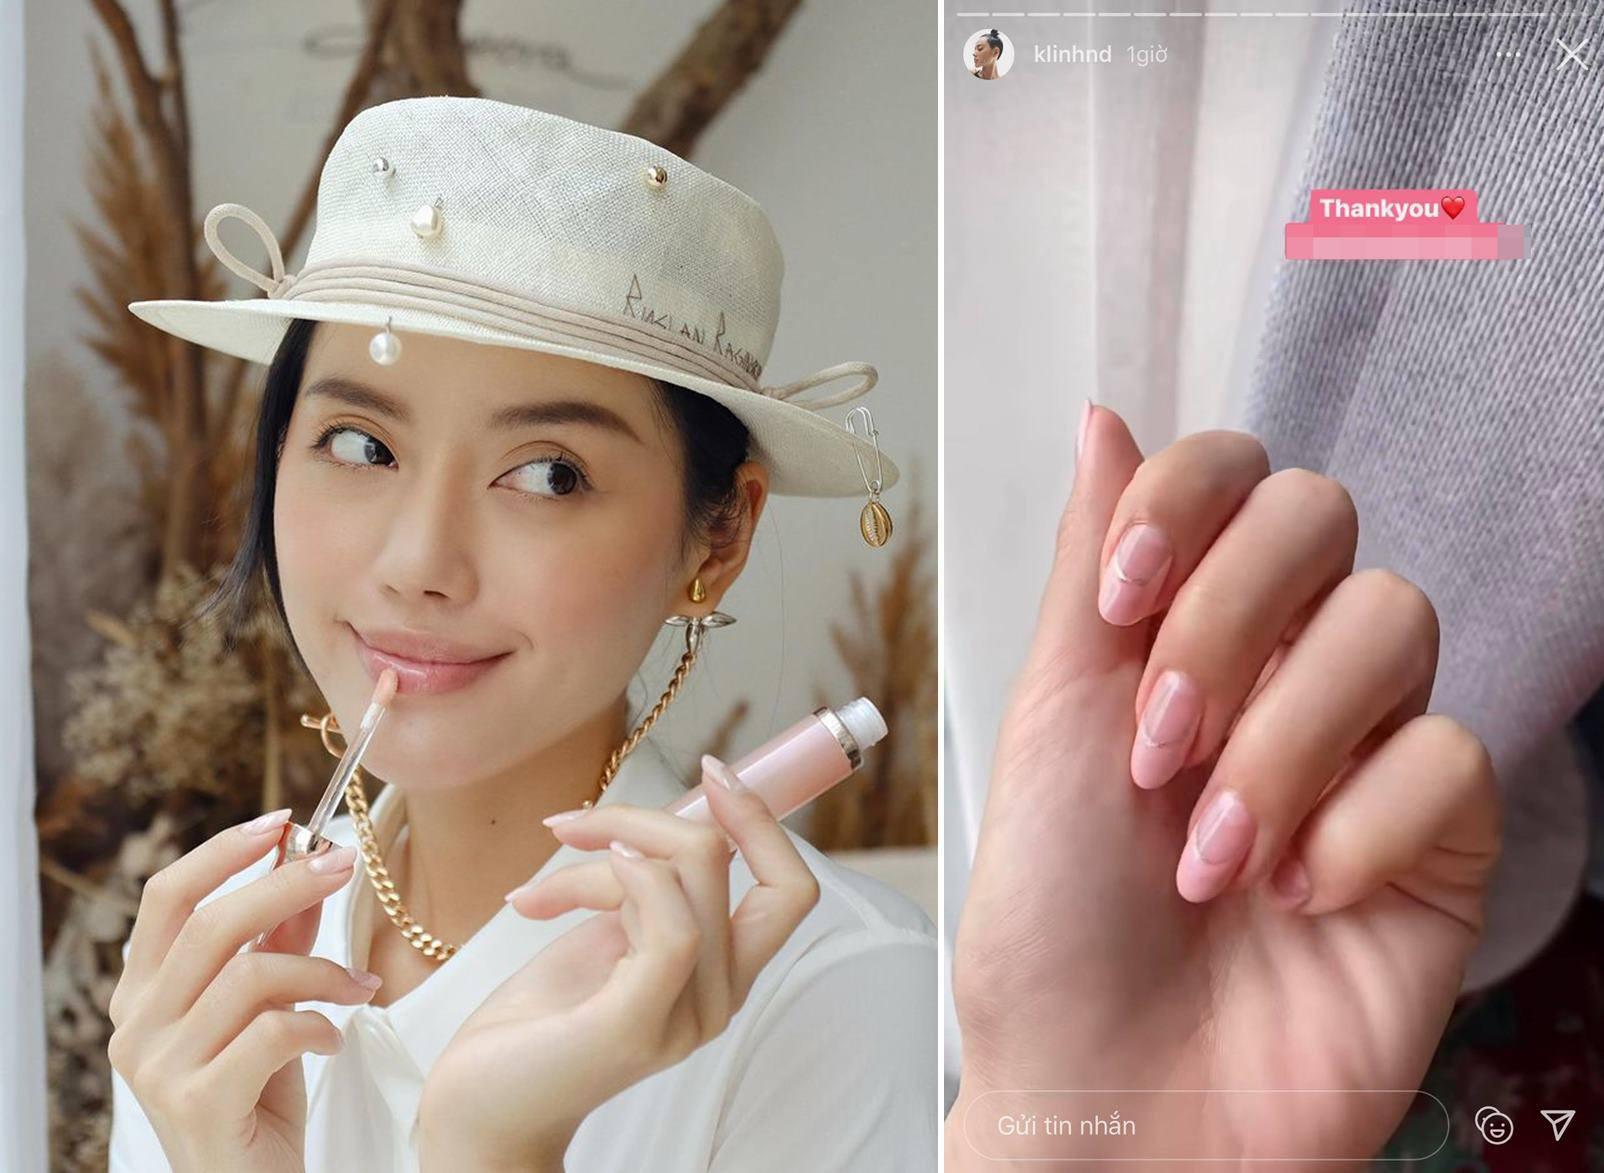 Chớm hè, sao Việt tung tăng khoe nail mới, toàn dáng ngắn nhưng xinh chẳng kém